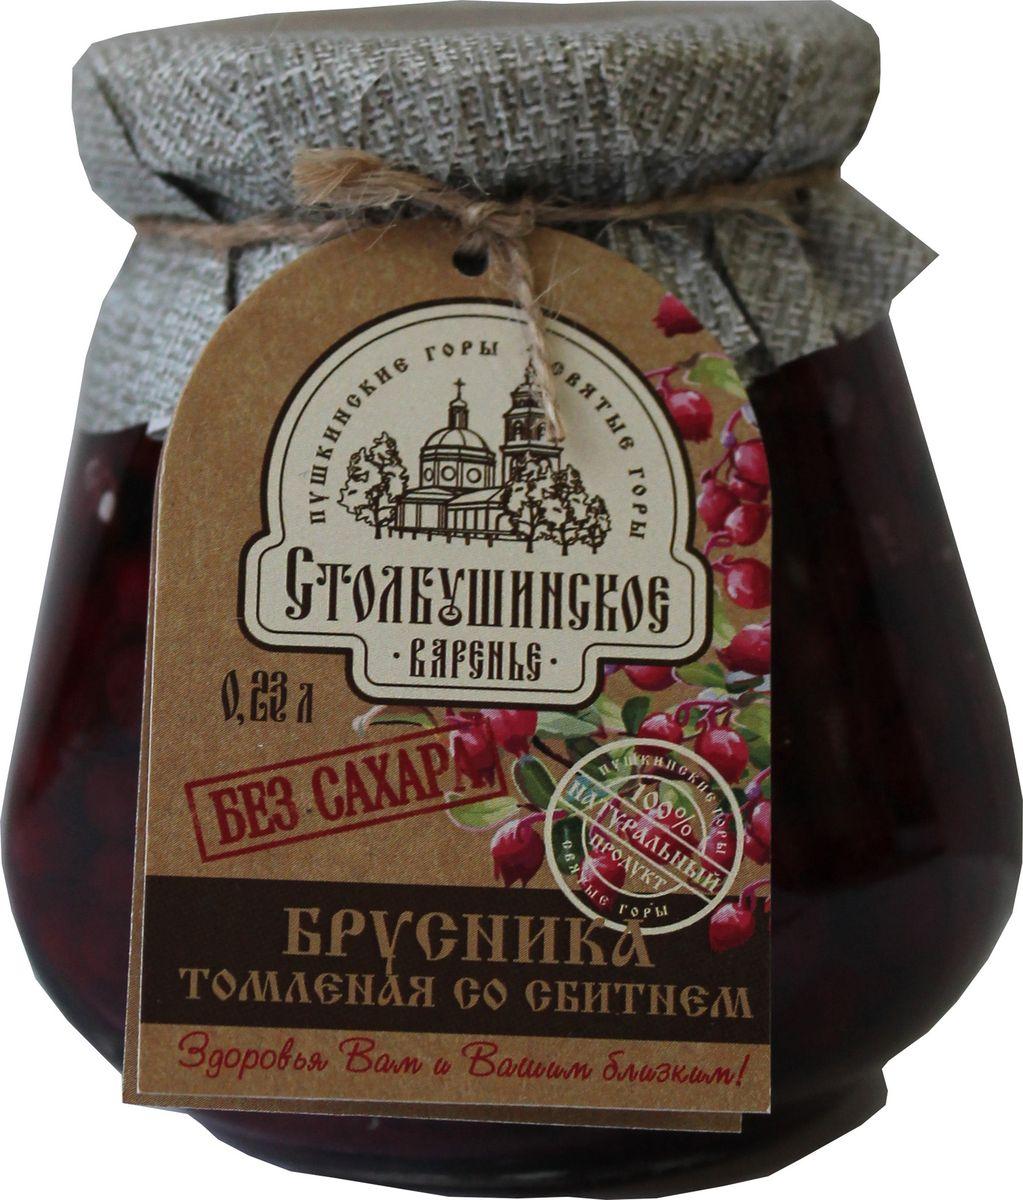 Варенье Столбушинское Томленная Брусника со сбитнем, 230 мл te gusto варенье из облепихи 430 г